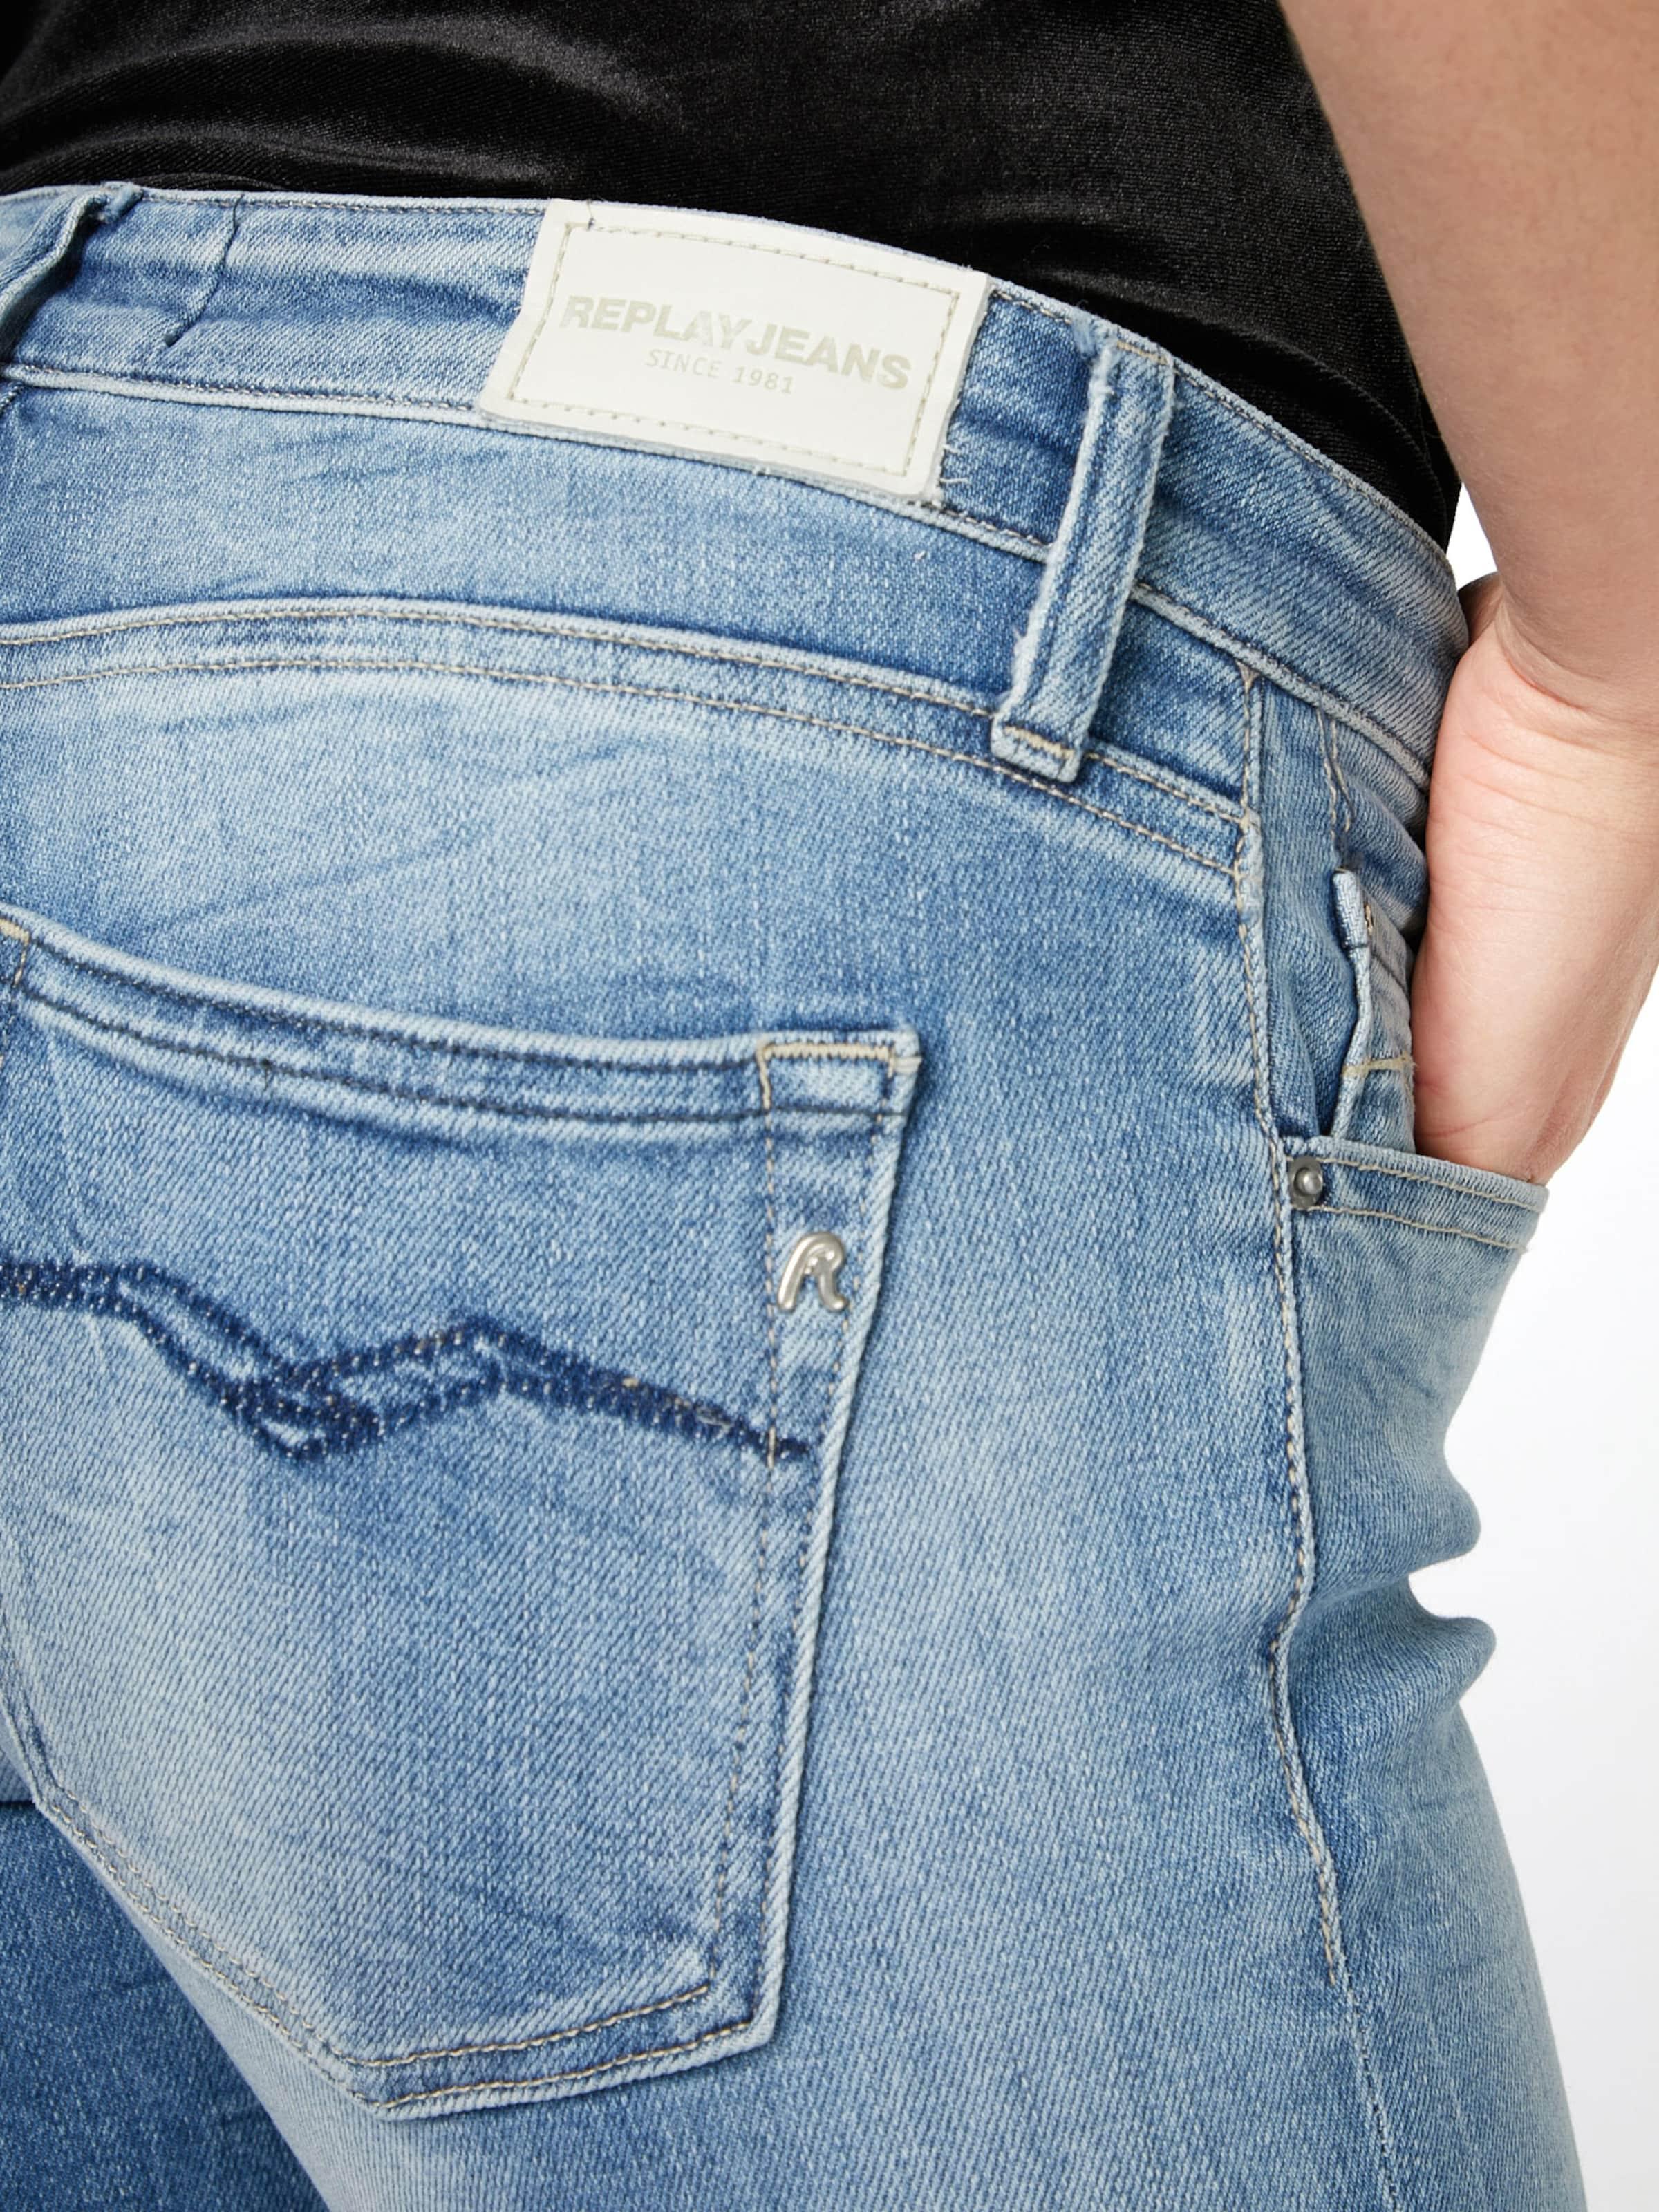 REPLAY Mid waist Jeans 'DOMINIQLI' Steckdose Genießen Günstige Preise Und Verfügbarkeit Billig Gutes Verkauf ZOSSWMAAAu